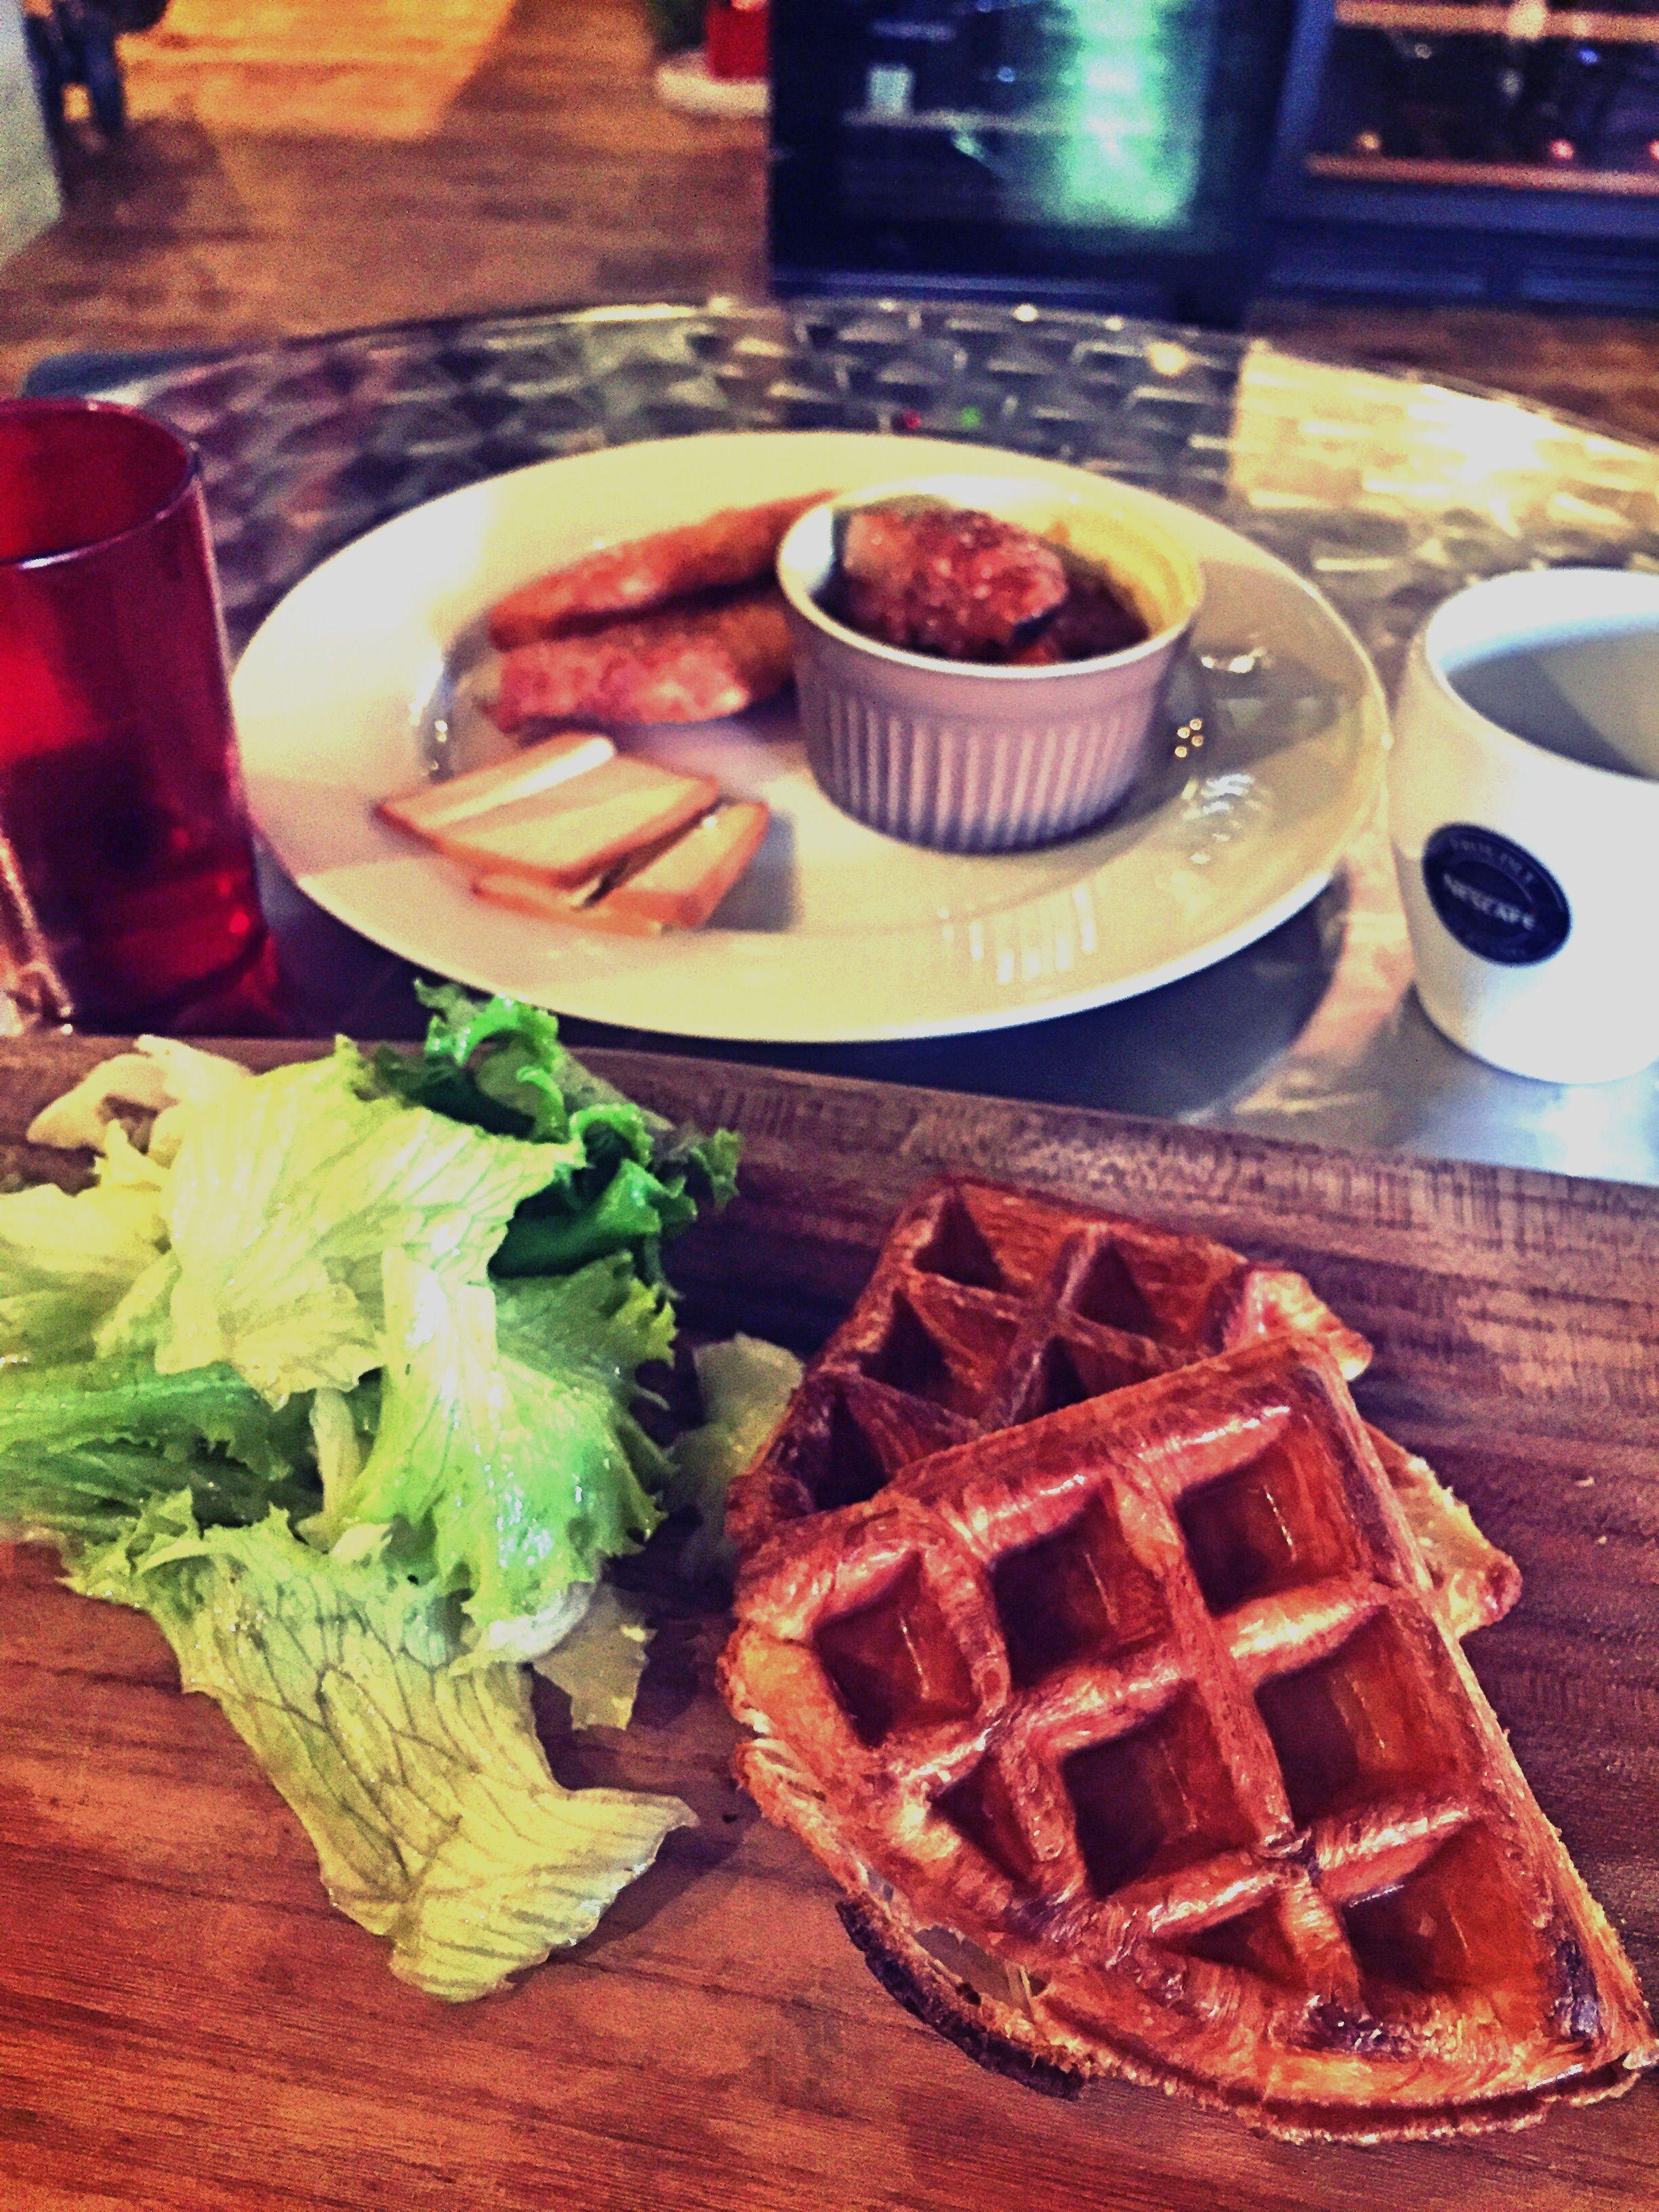 船橋ランチ @fes | わたしの食事 | pinterest | 食事 と ランチ